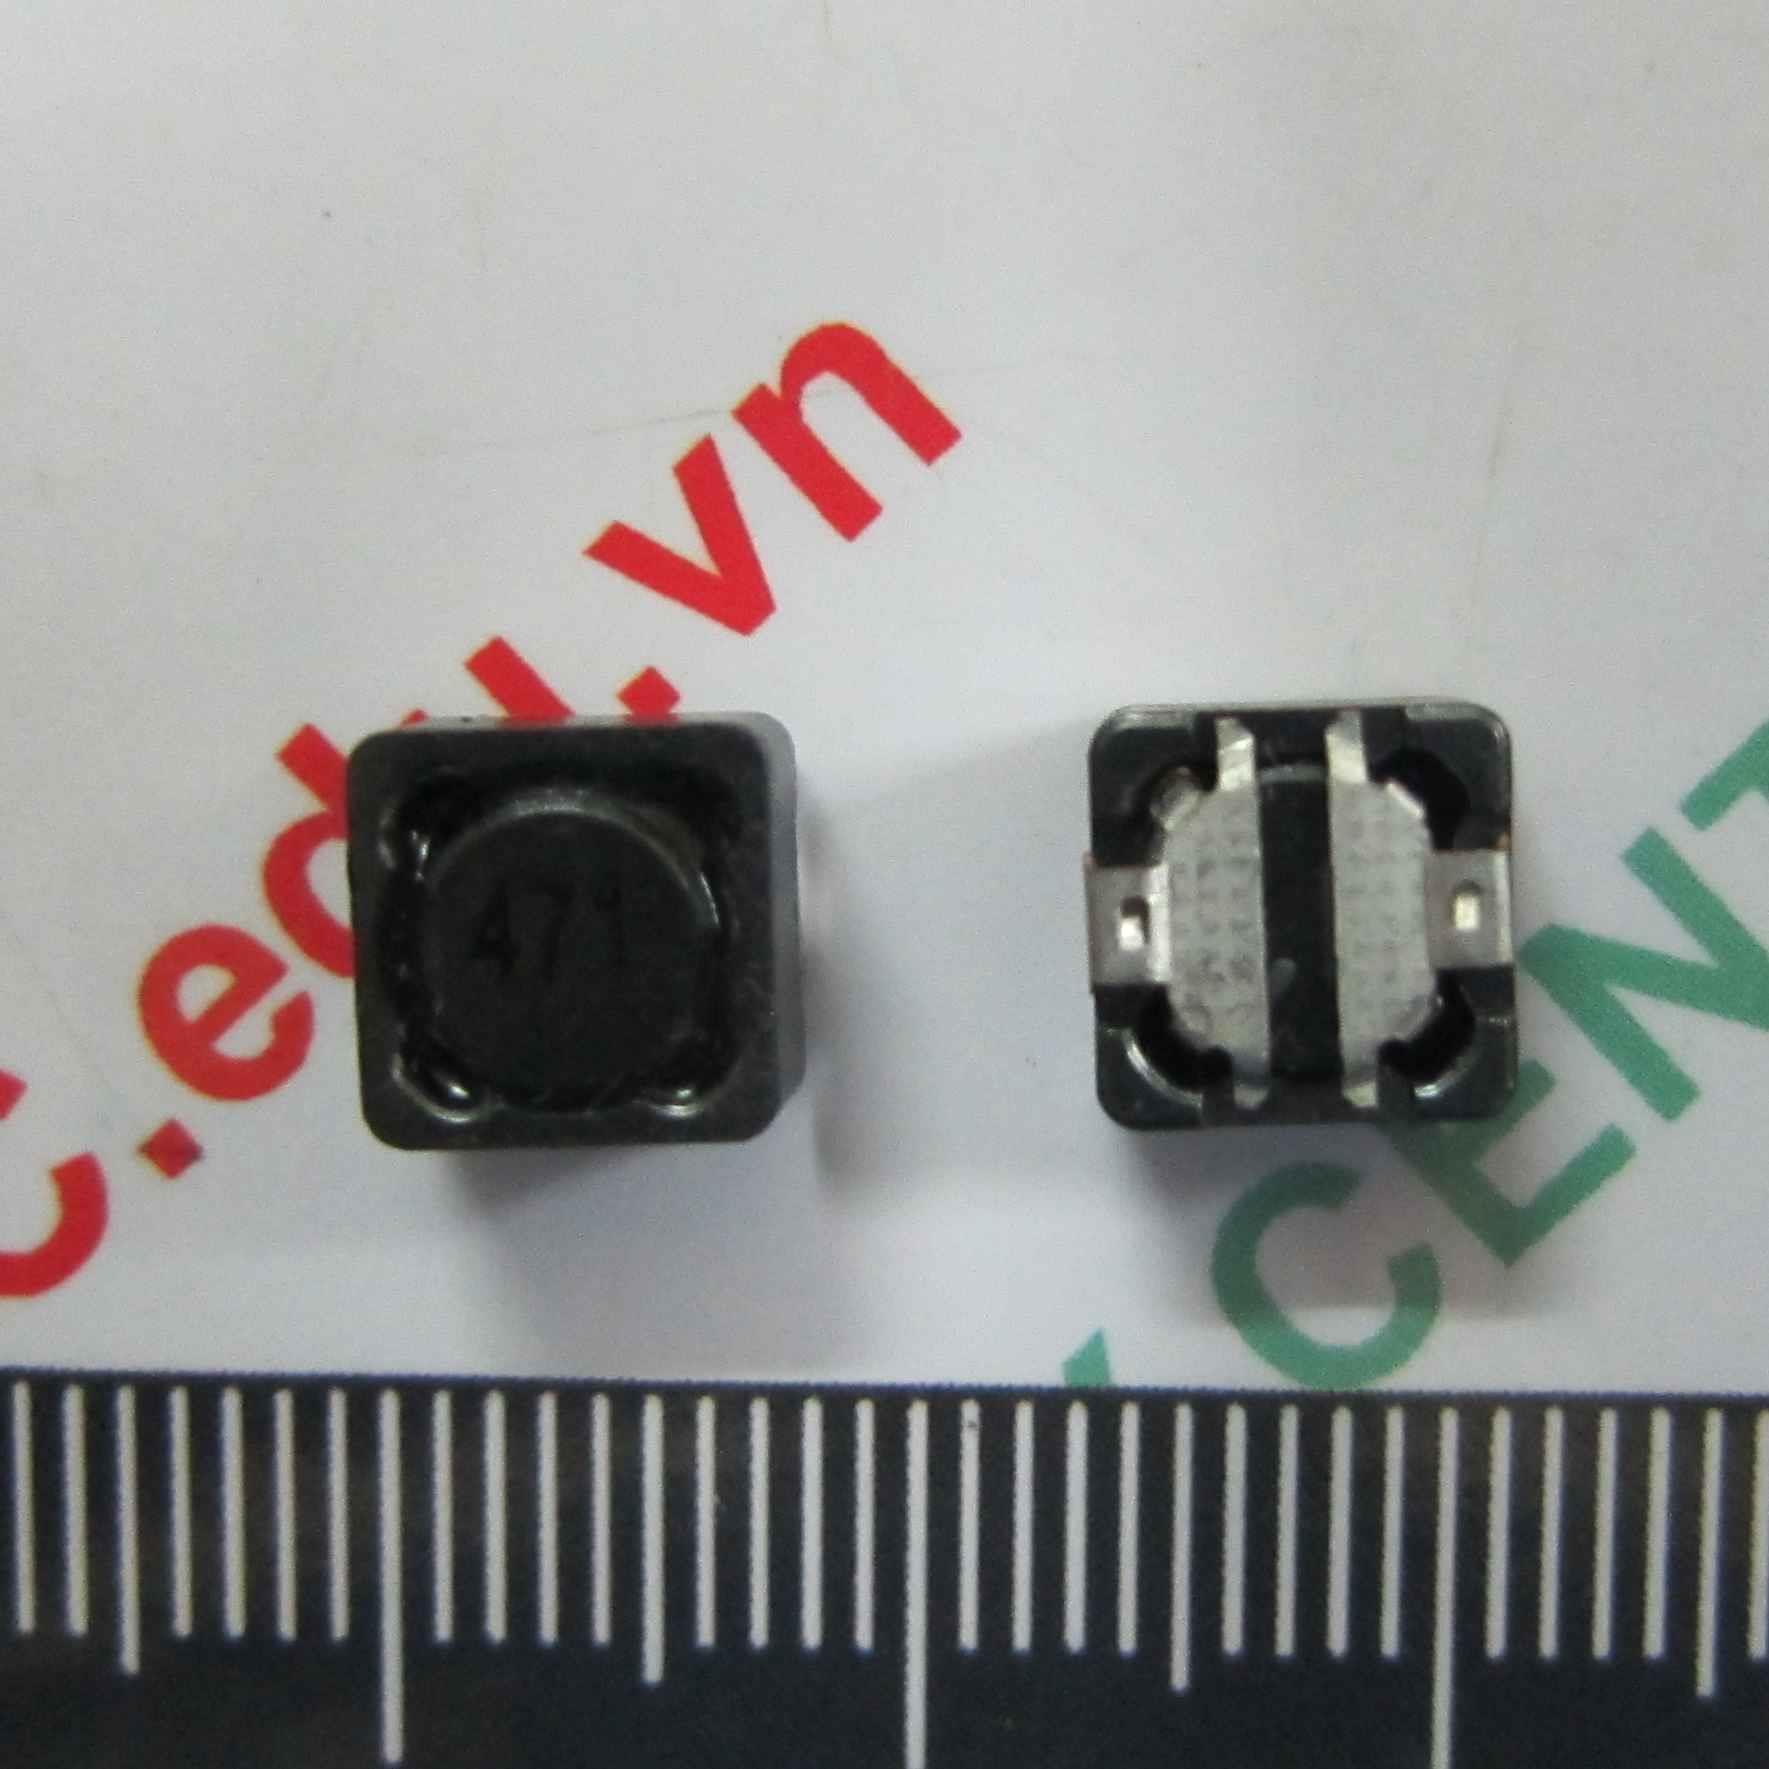 CUỘN CẢM SMD 330uH 7.4x7.4mm CD74R 0.4A  - B9H18